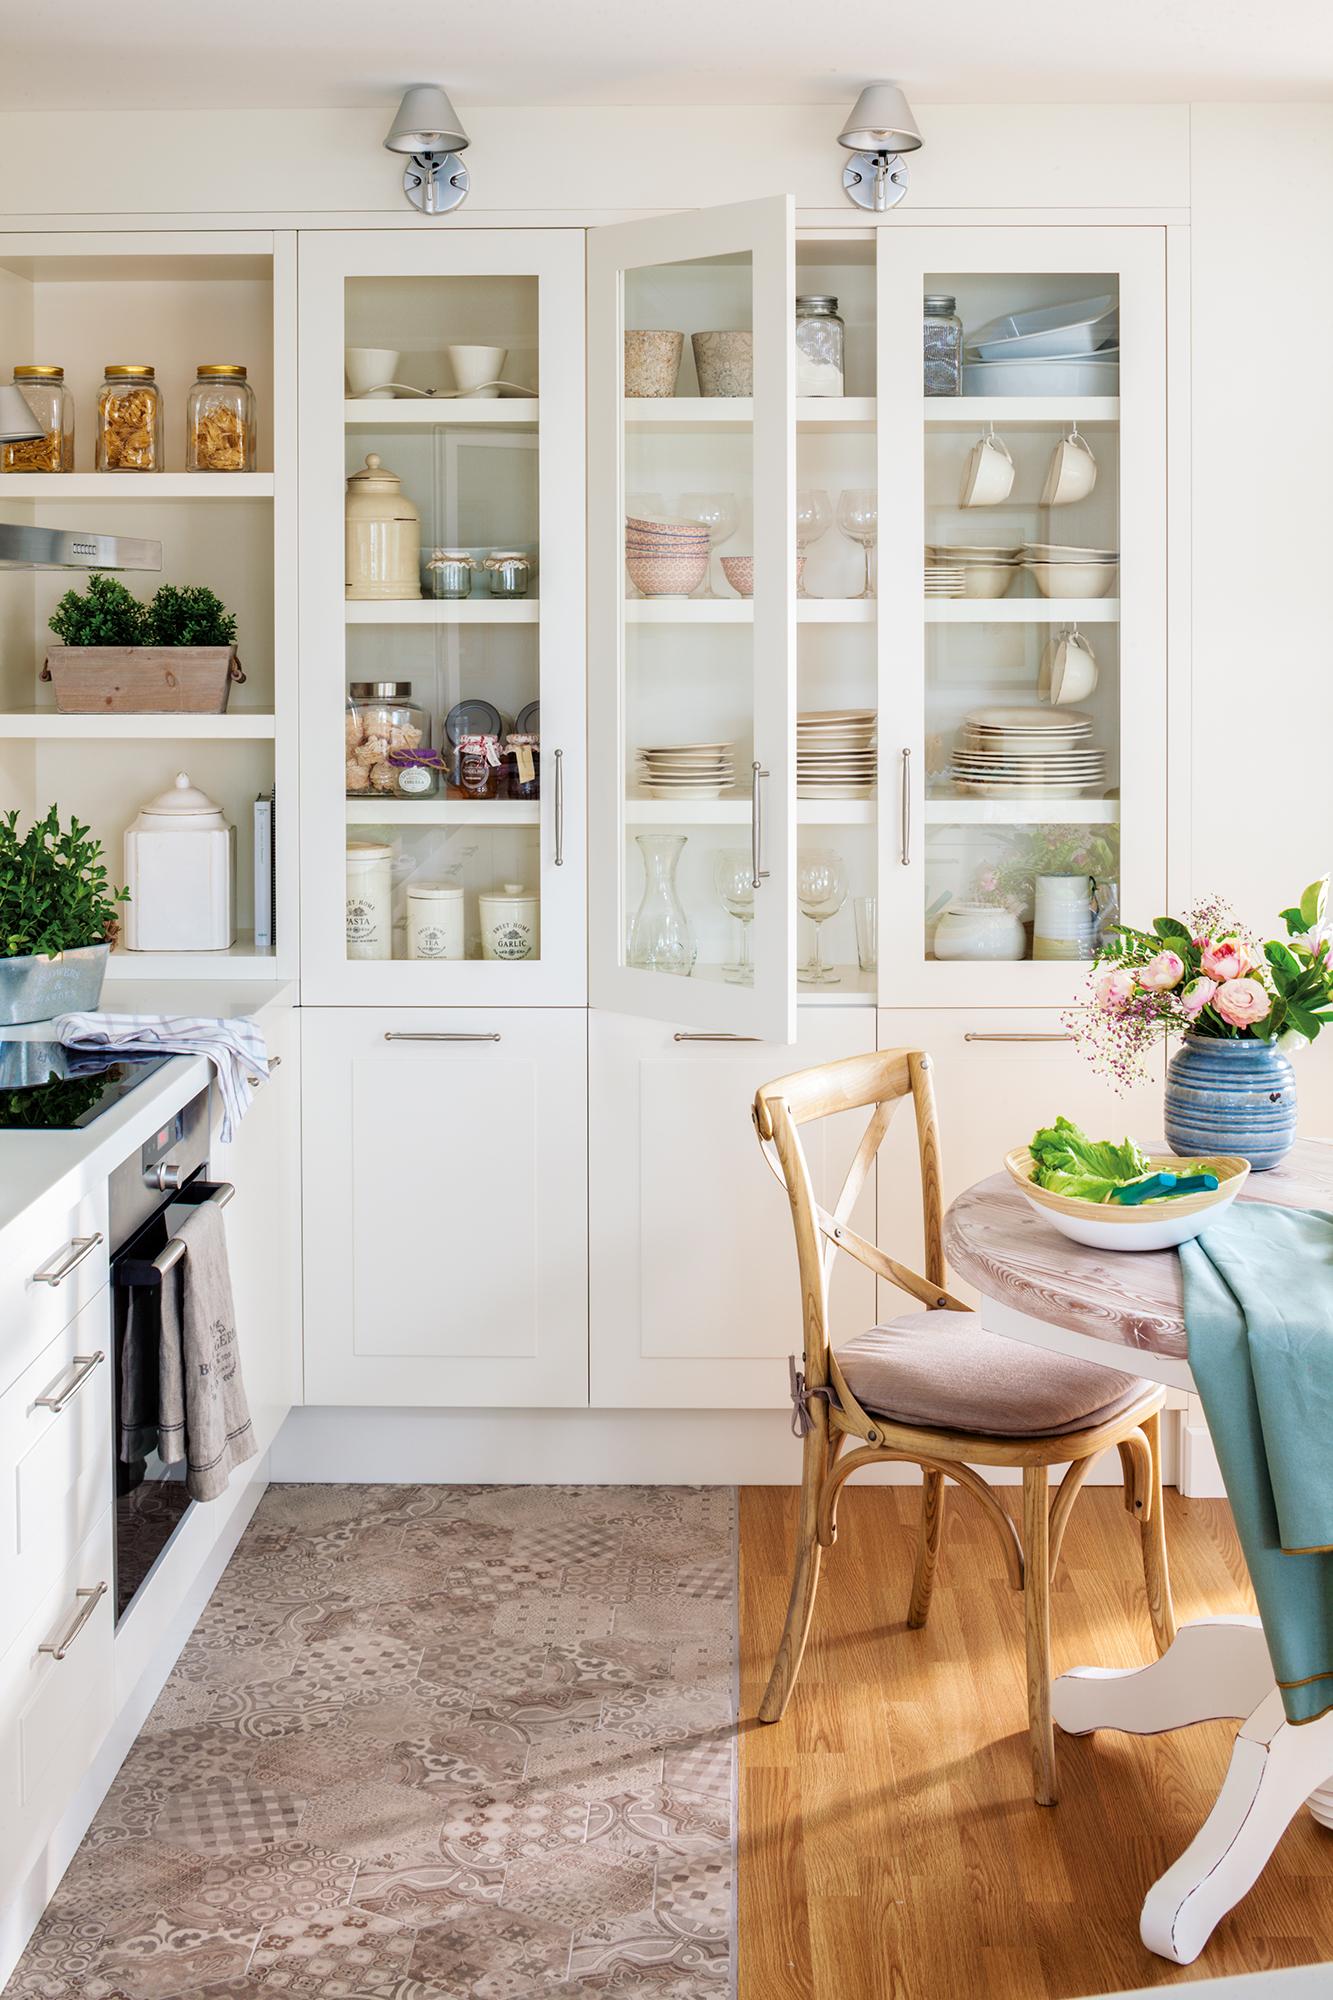 Muebles de cocina elmueble - Vitrinas para vajillas ...